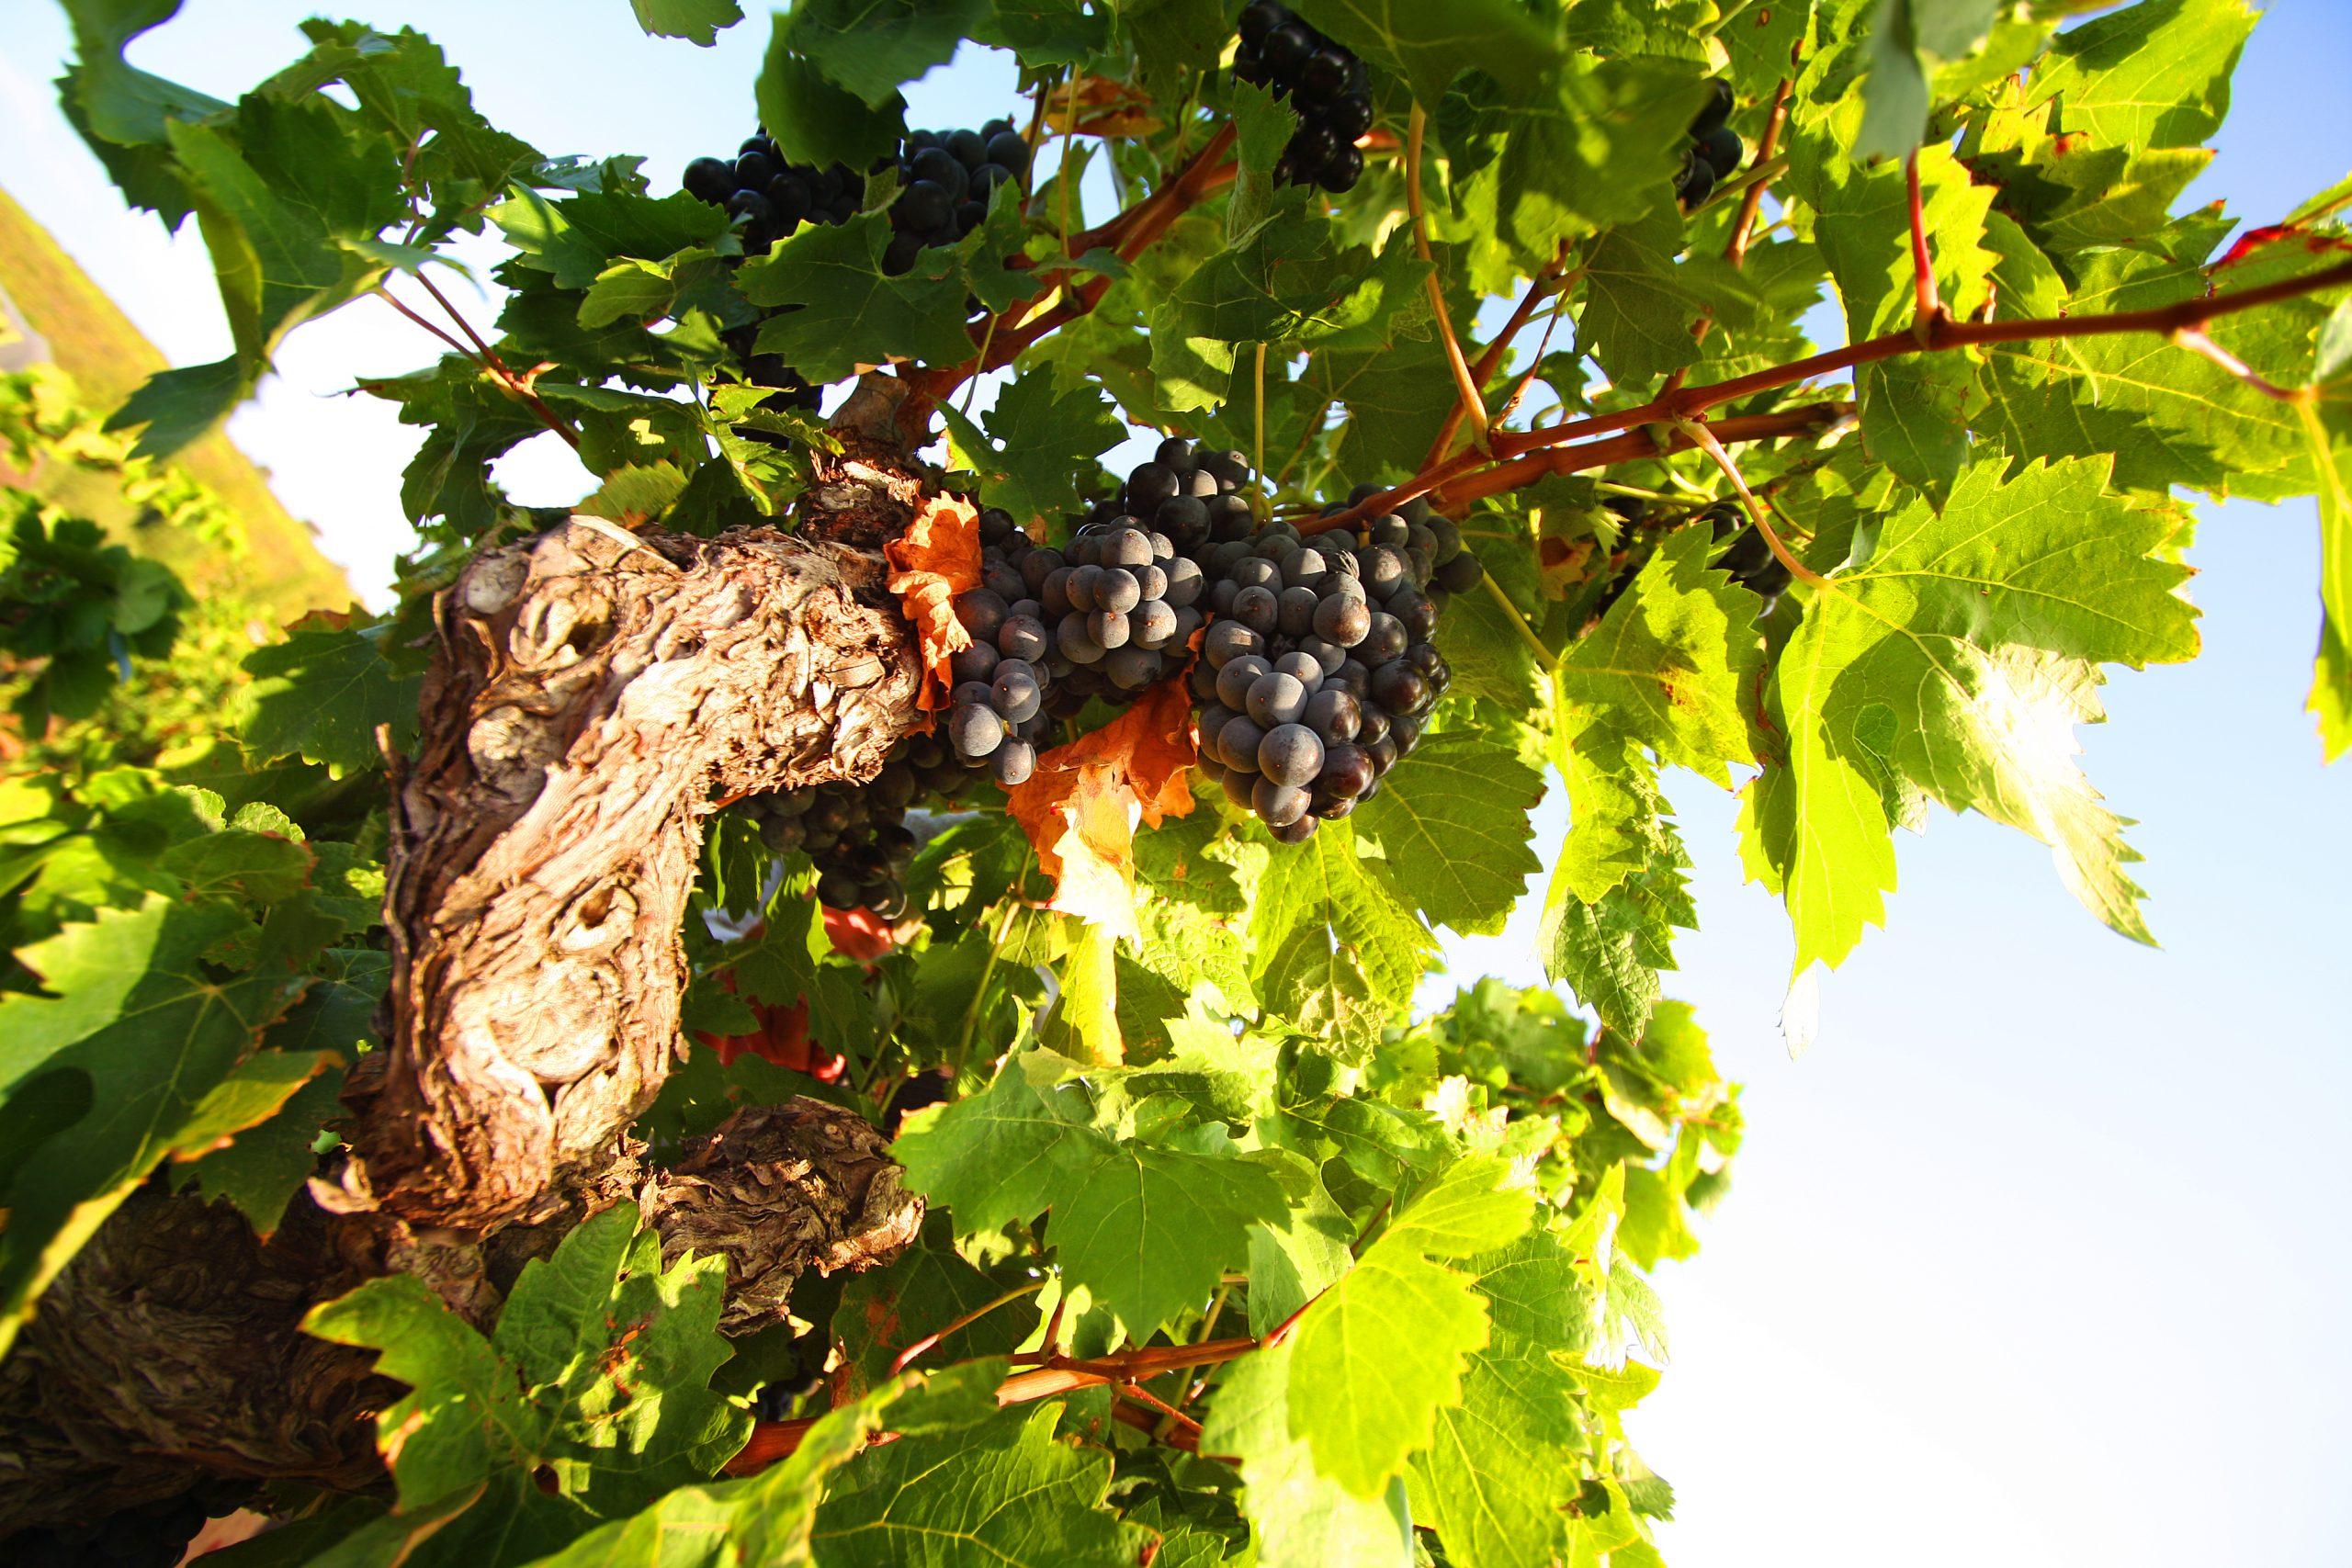 une grappe remplie de raisin